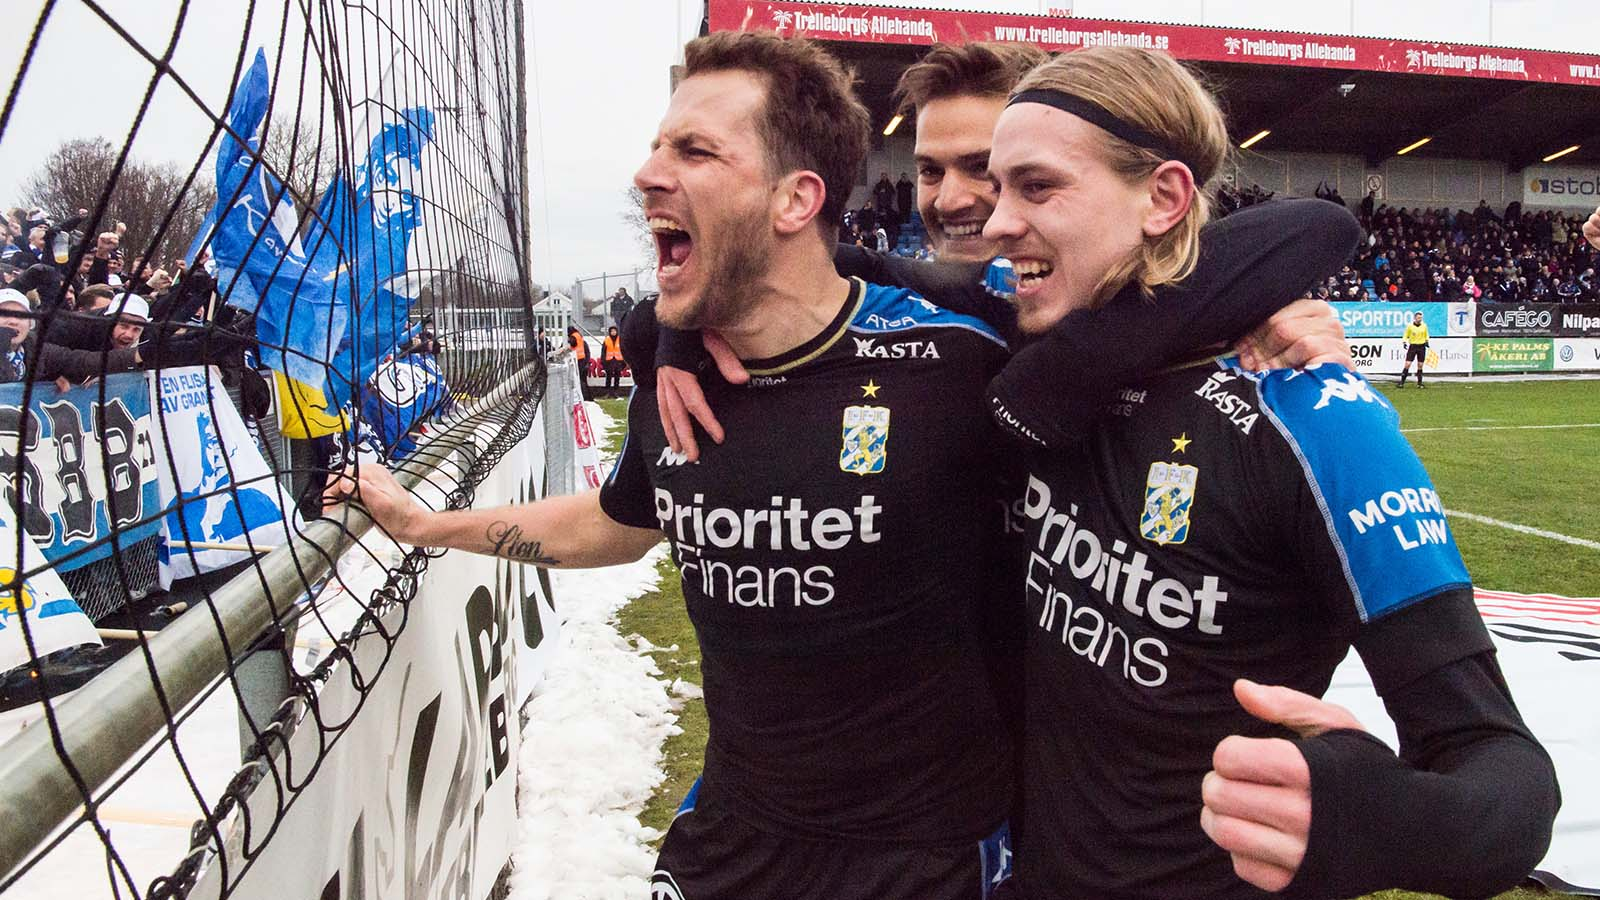 180401 IFK Göteborgs Elias Mar Omarsson jublar efter sitt 0-1 mål tillsammans med Tobias Hysén och Amin Affane under fotbollsmatchen i Allsvenskan mellan Trelleborg och IFK Göteborg den 1 april 2018 i Trelleborg. Foto: Petter Arvidson / BILDBYRÅN / kod PA / 92013